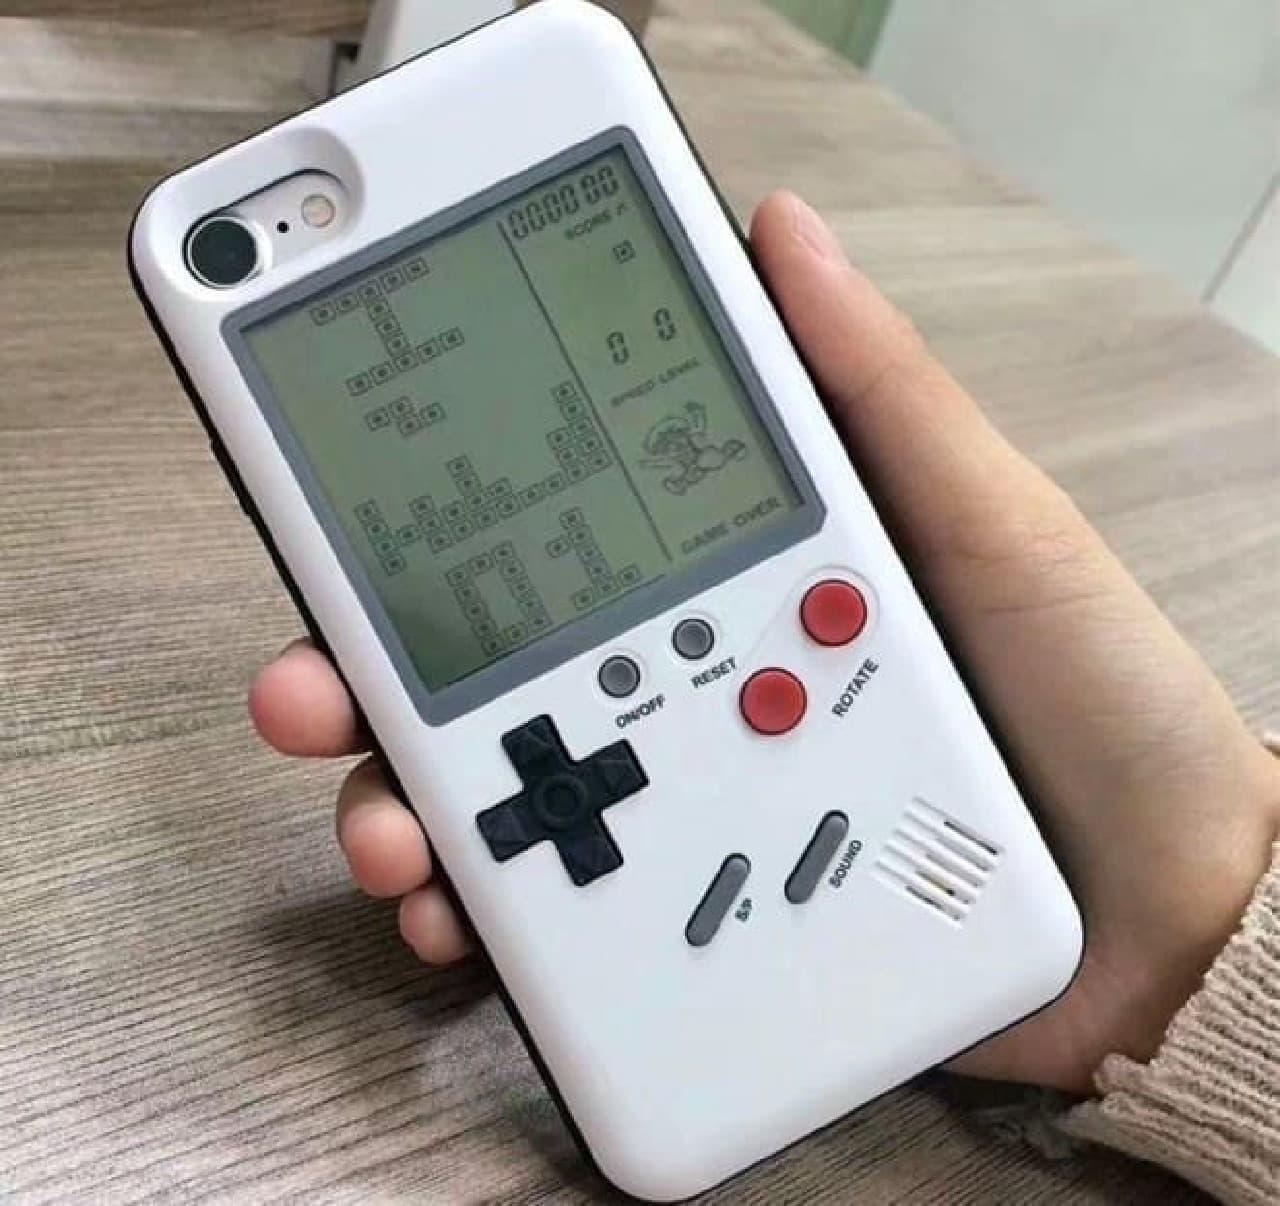 テトリスをプレイできるiPhone用カバー「DOITOP Game Console Cover Case」